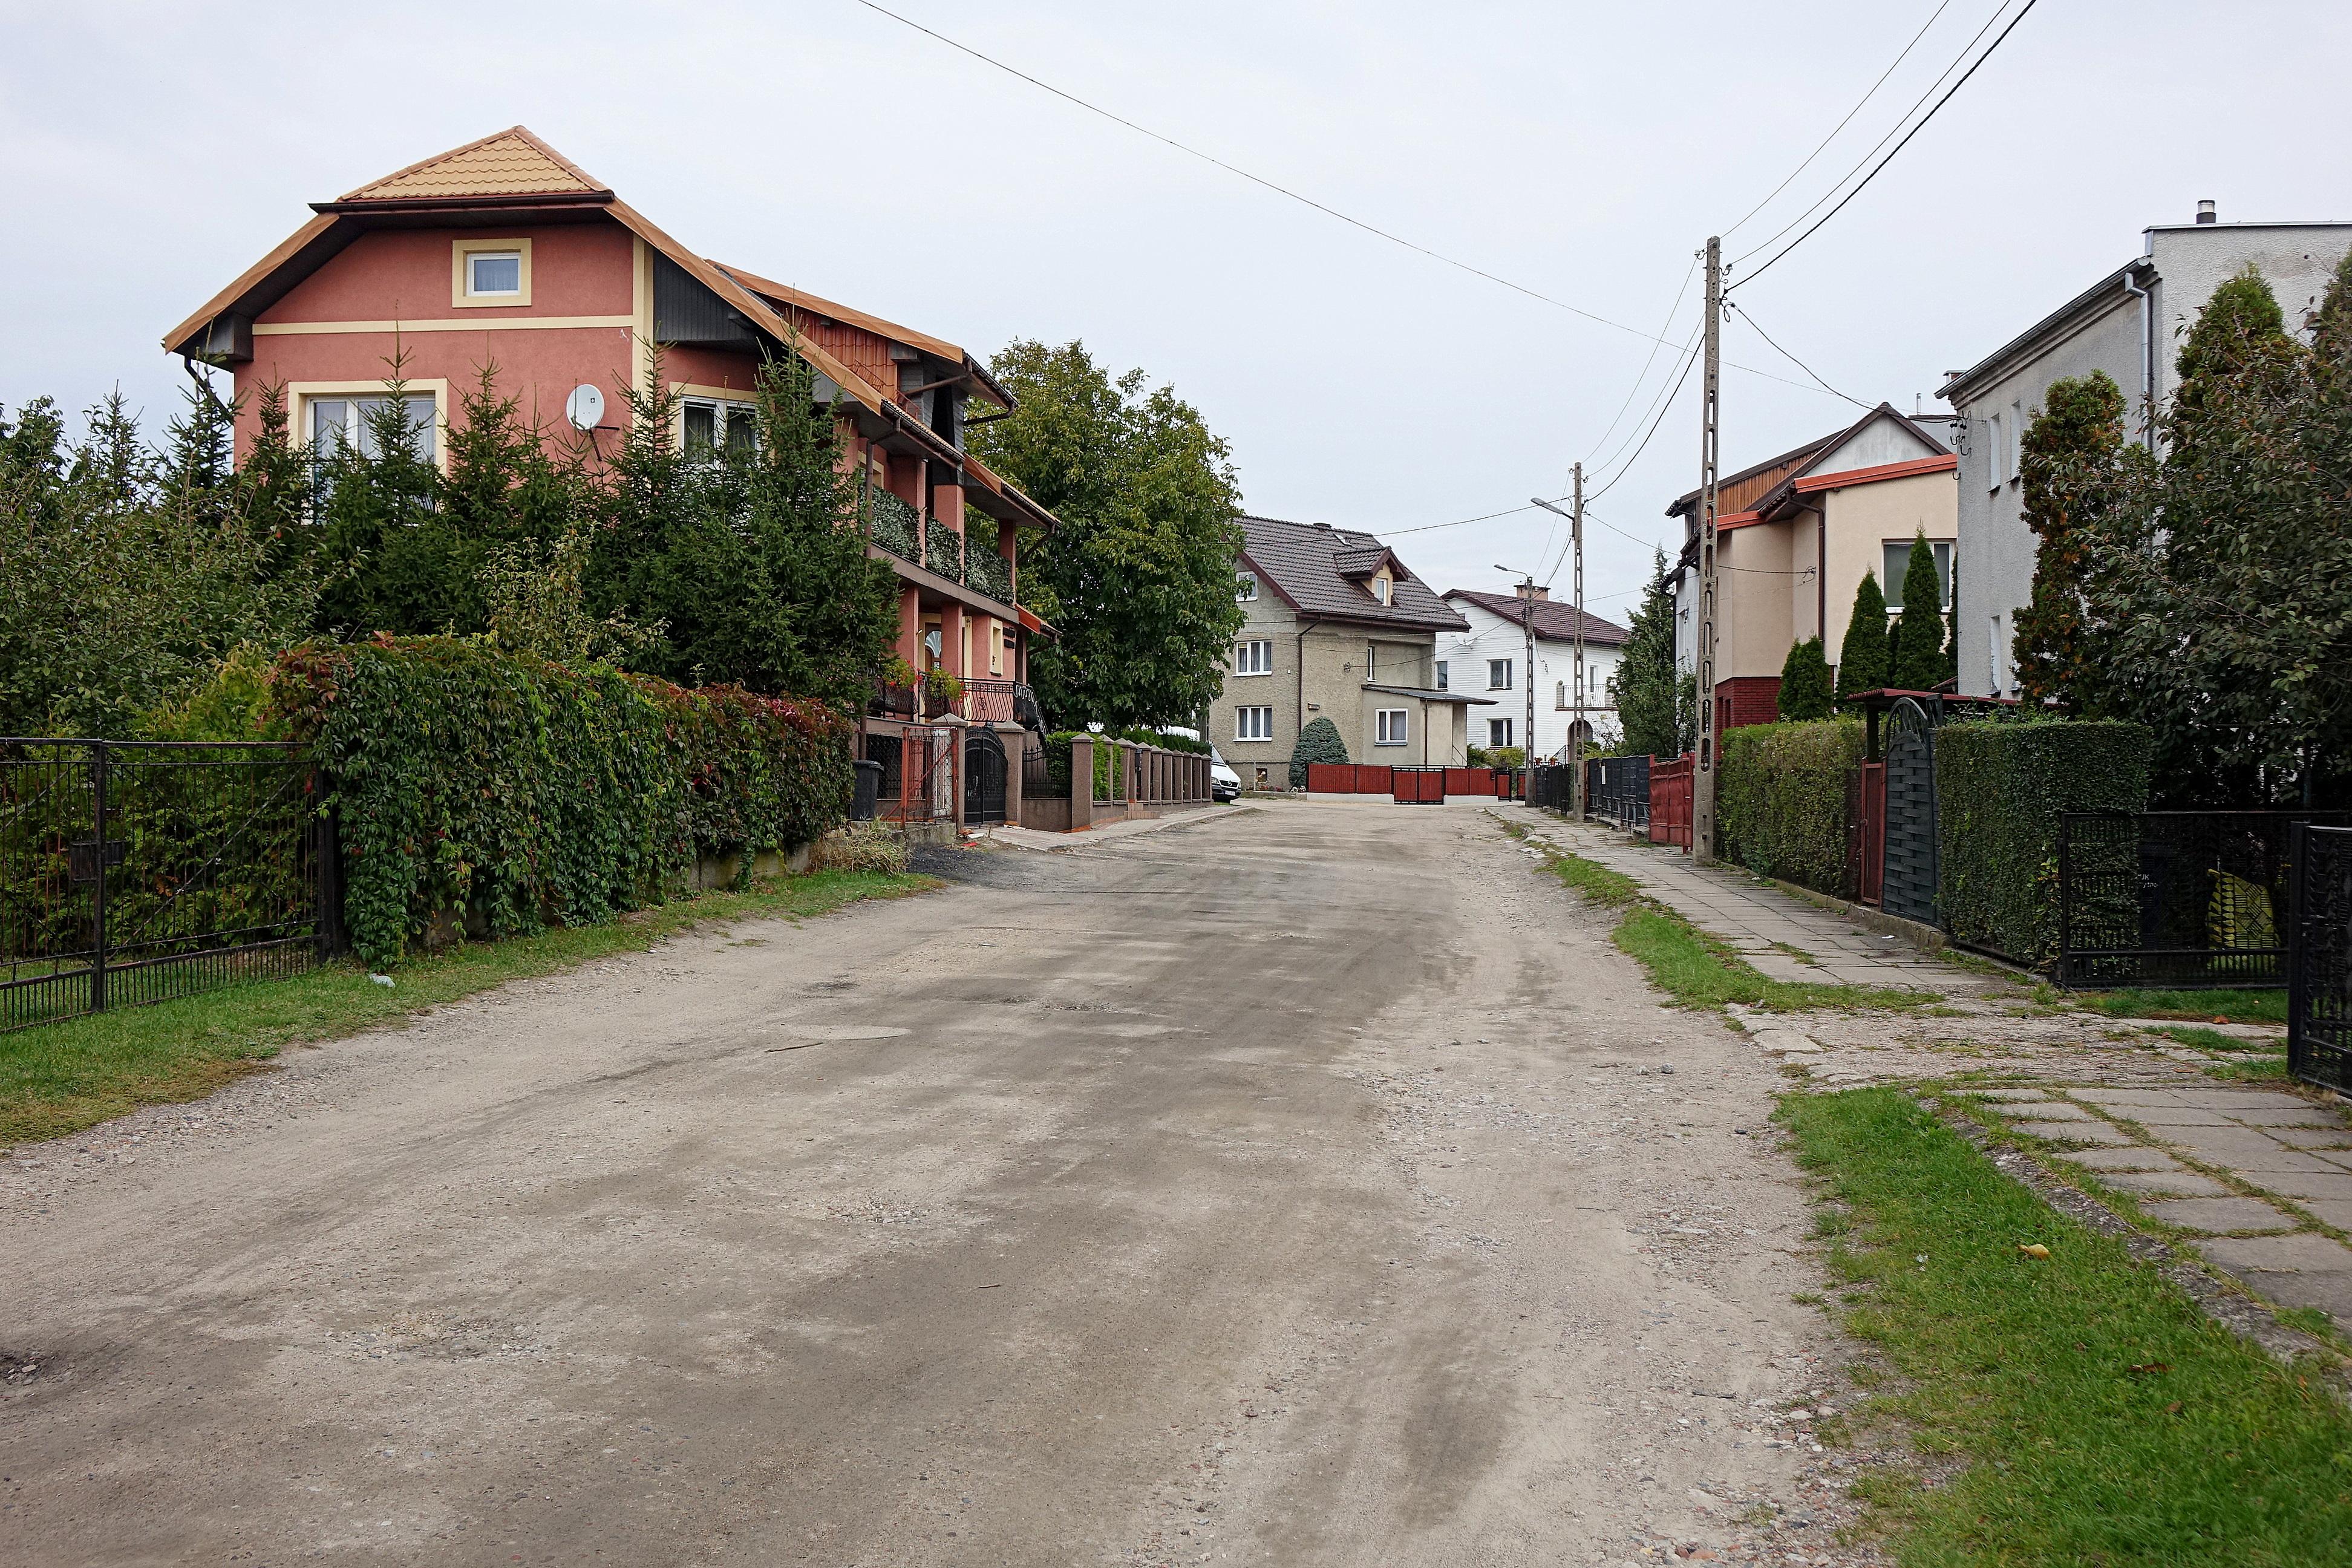 https://m.powiatszczycienski.pl/2020/01/orig/1p-27543.jpg